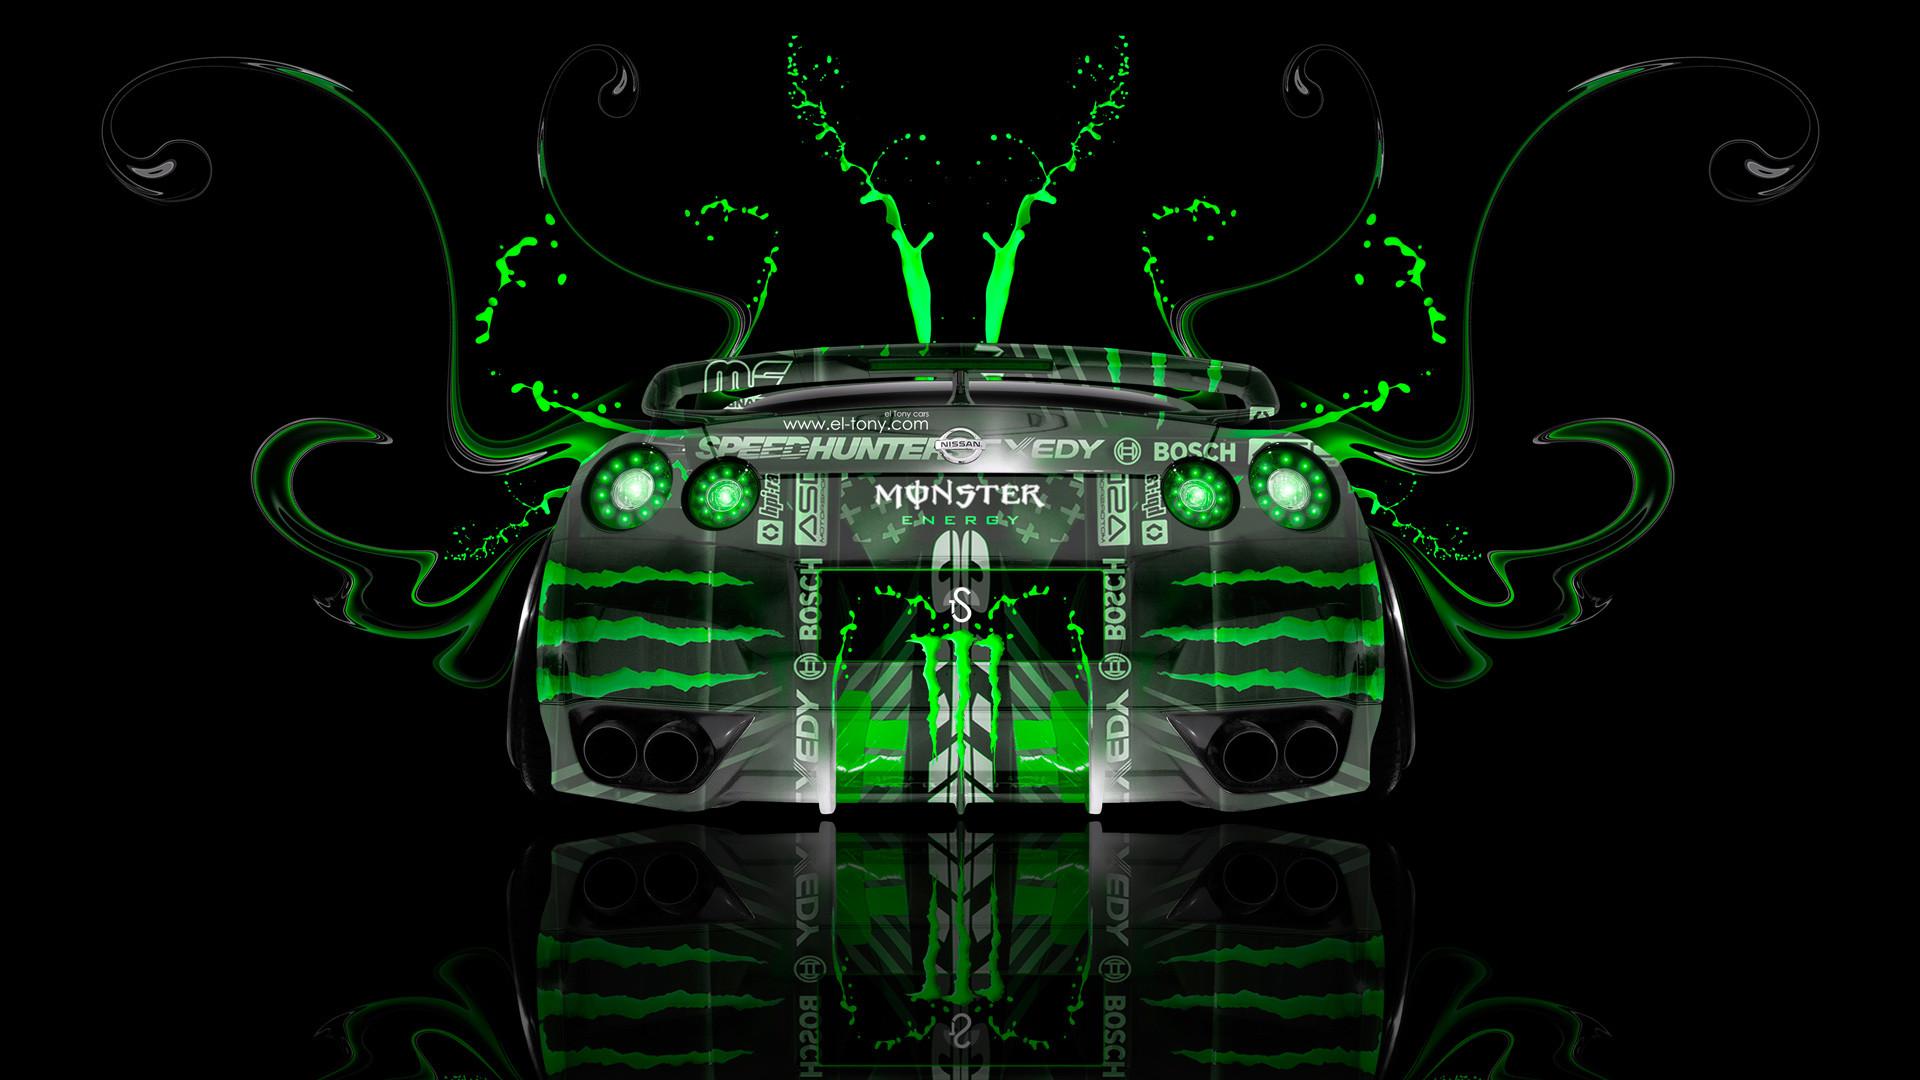 Monster energy drink logo wallpaper 66 images monster energy desktop wallpapers 6963291 voltagebd Images